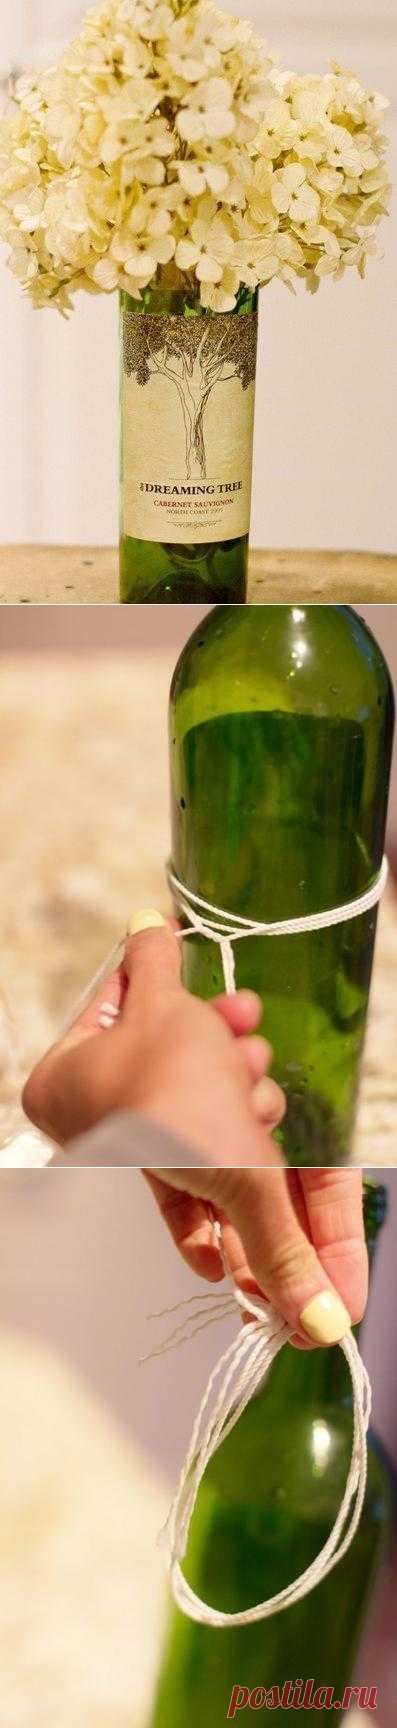 А бывало, что вам так понравилась бутылка для декора, да вот горлышко в ней мешает? Сегодня вы узнаете, как отрезать горлышко бутылки очень быстро и легко.